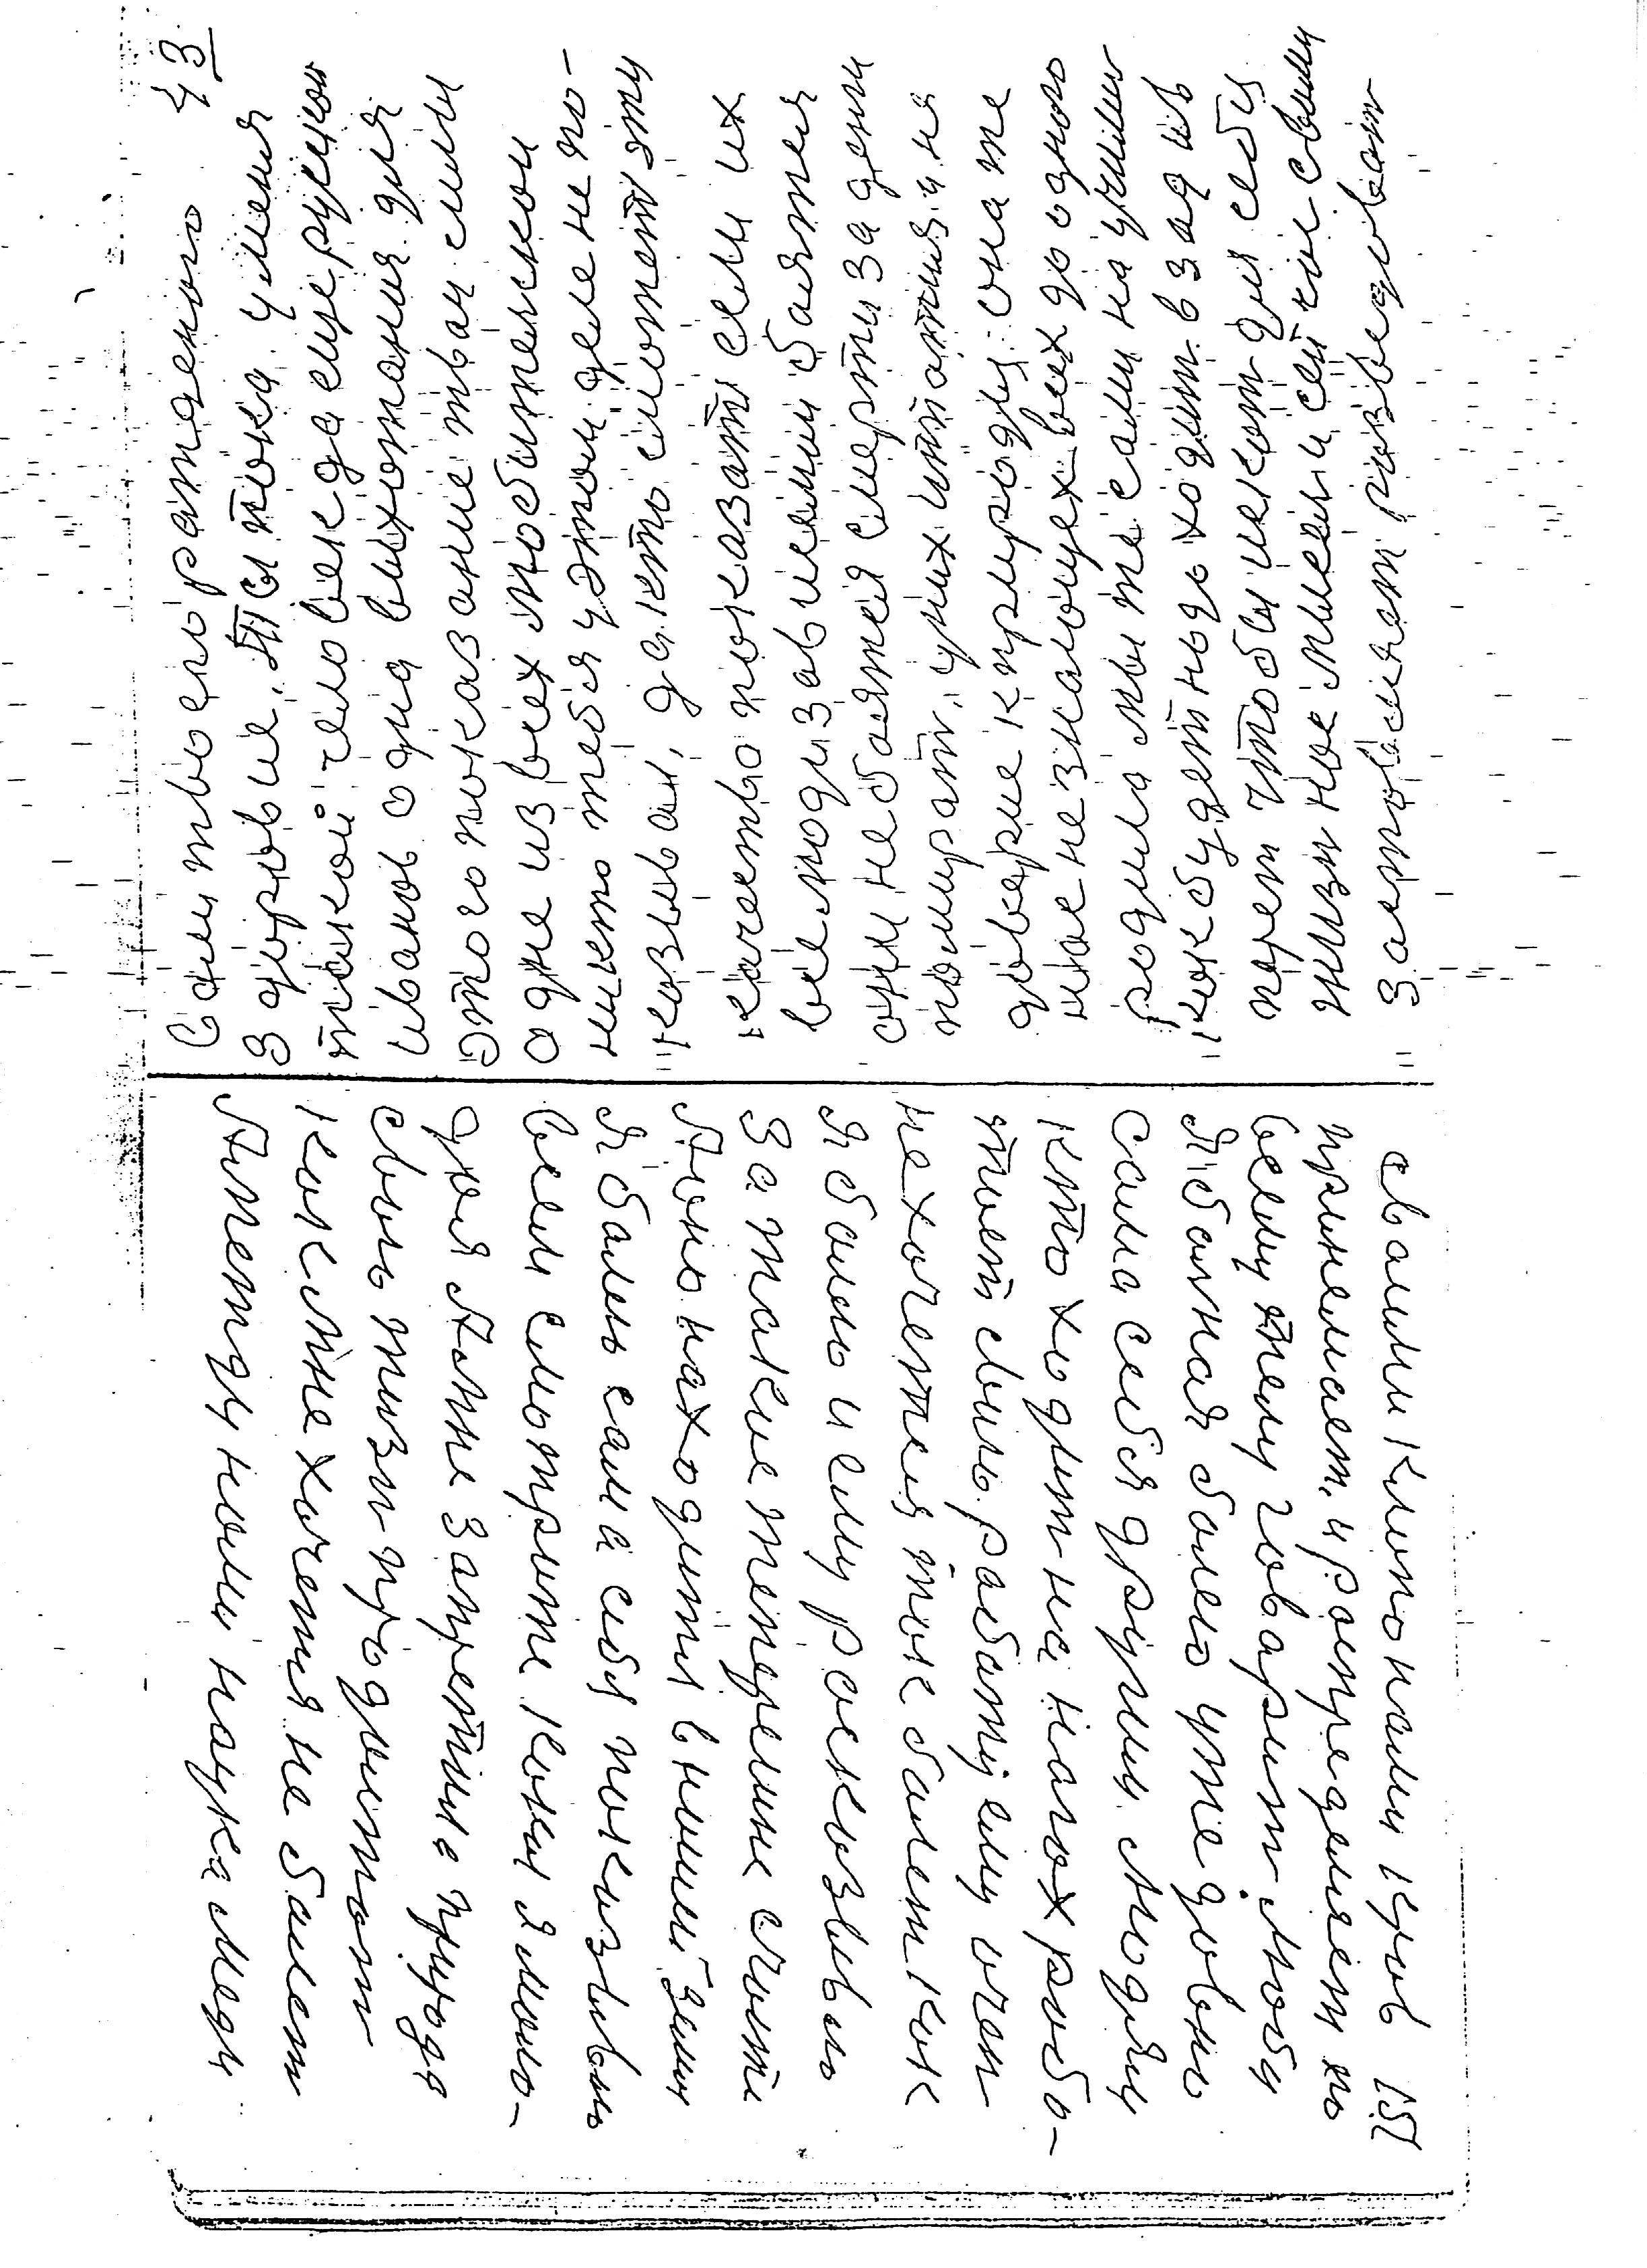 43-151.jpg